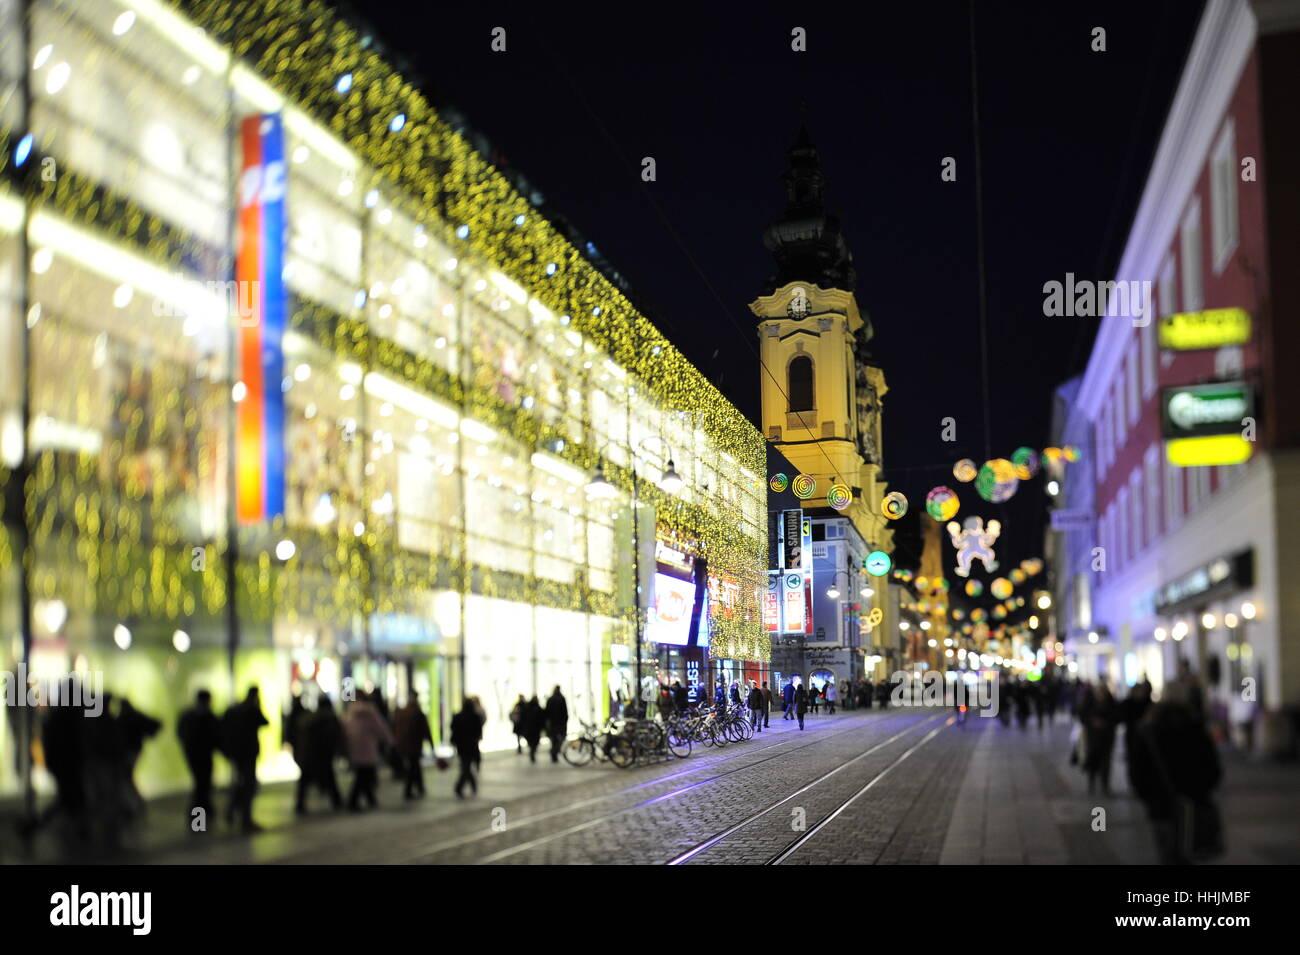 Weihnachten Beleuchtung, Landstraße Linz, Oberösterreich, Österreich Stockbild